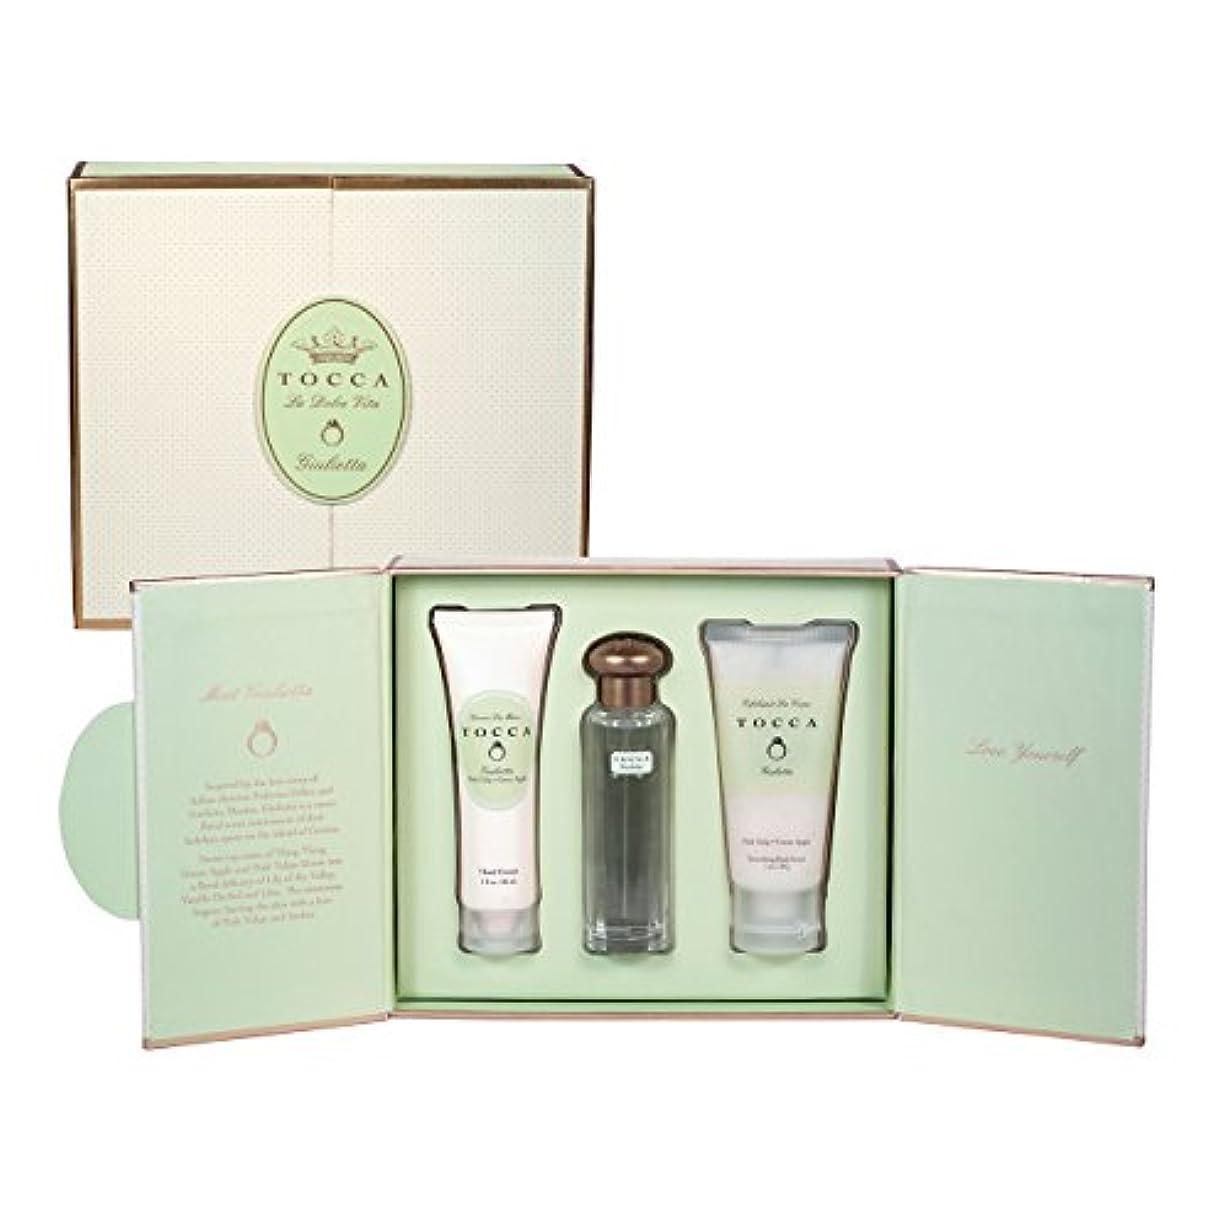 呪われたプレゼンター余計なトッカ(TOCCA) ドルチェヴィータコレクション ジュリエッタの香り (香水20ml、ハンドクリーム30ml、ボディーケアスクラブ30ml)